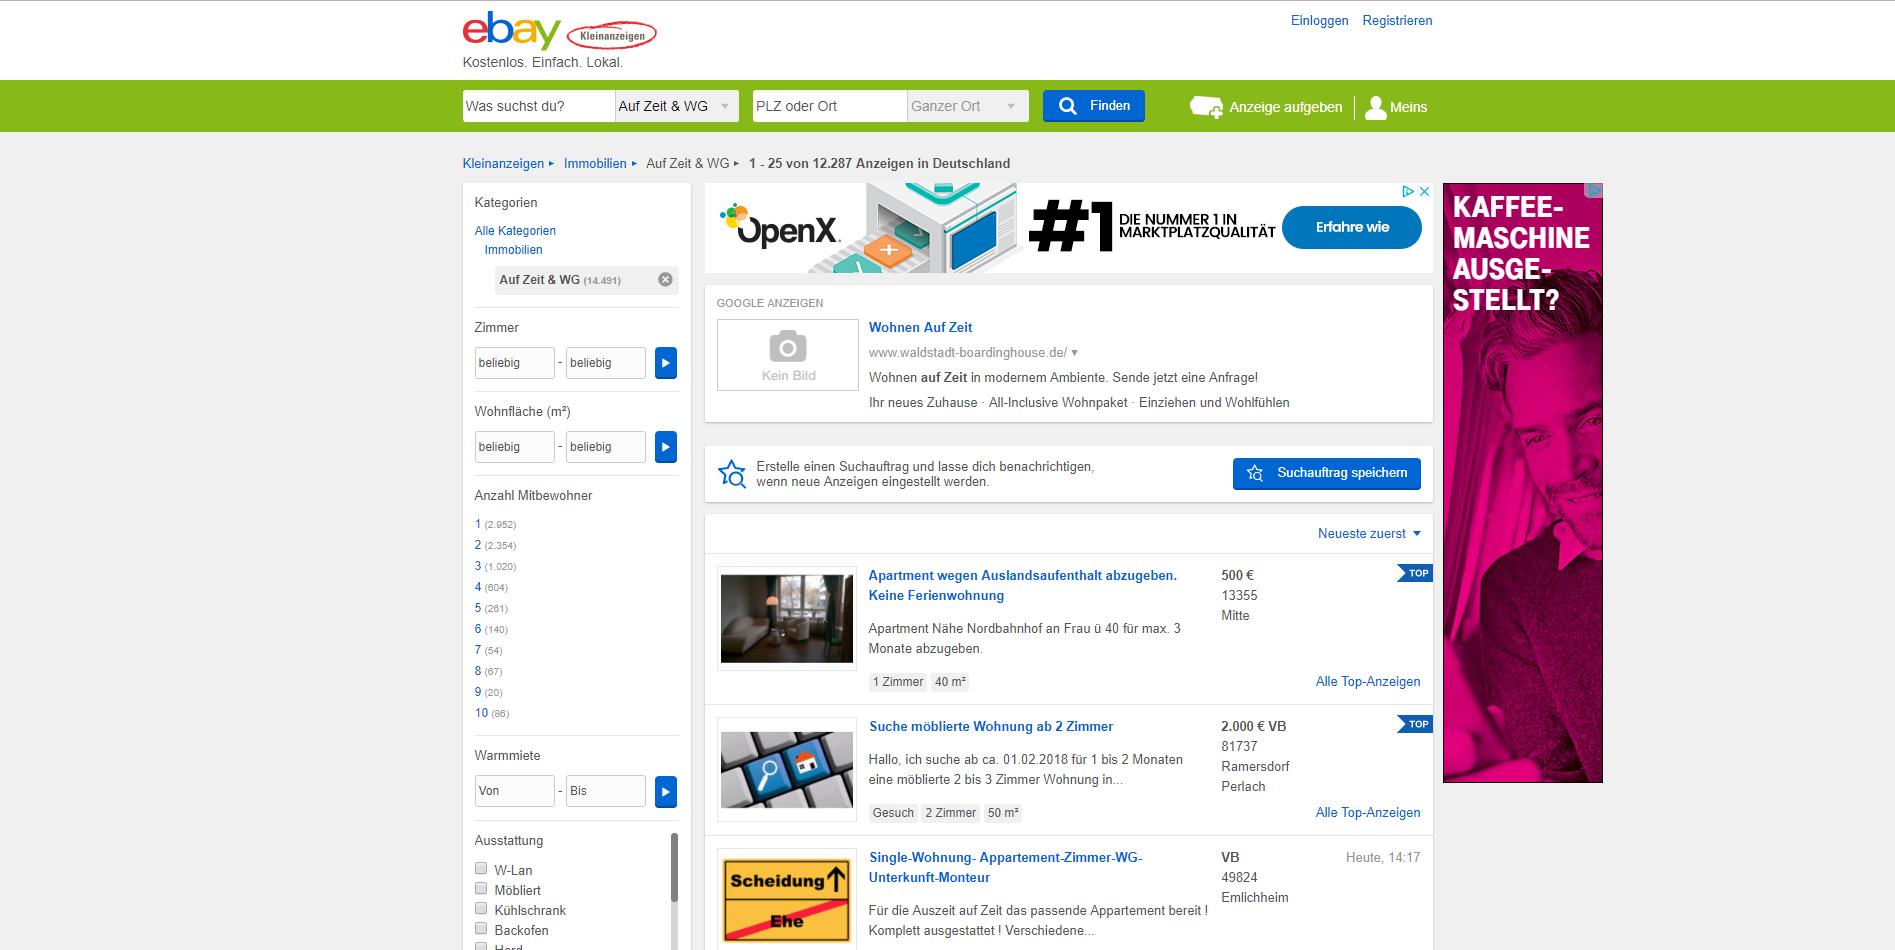 alternativen zu ebay kleinanzeigen immobilien die besten ebay kleinanzeigen immobilien. Black Bedroom Furniture Sets. Home Design Ideas